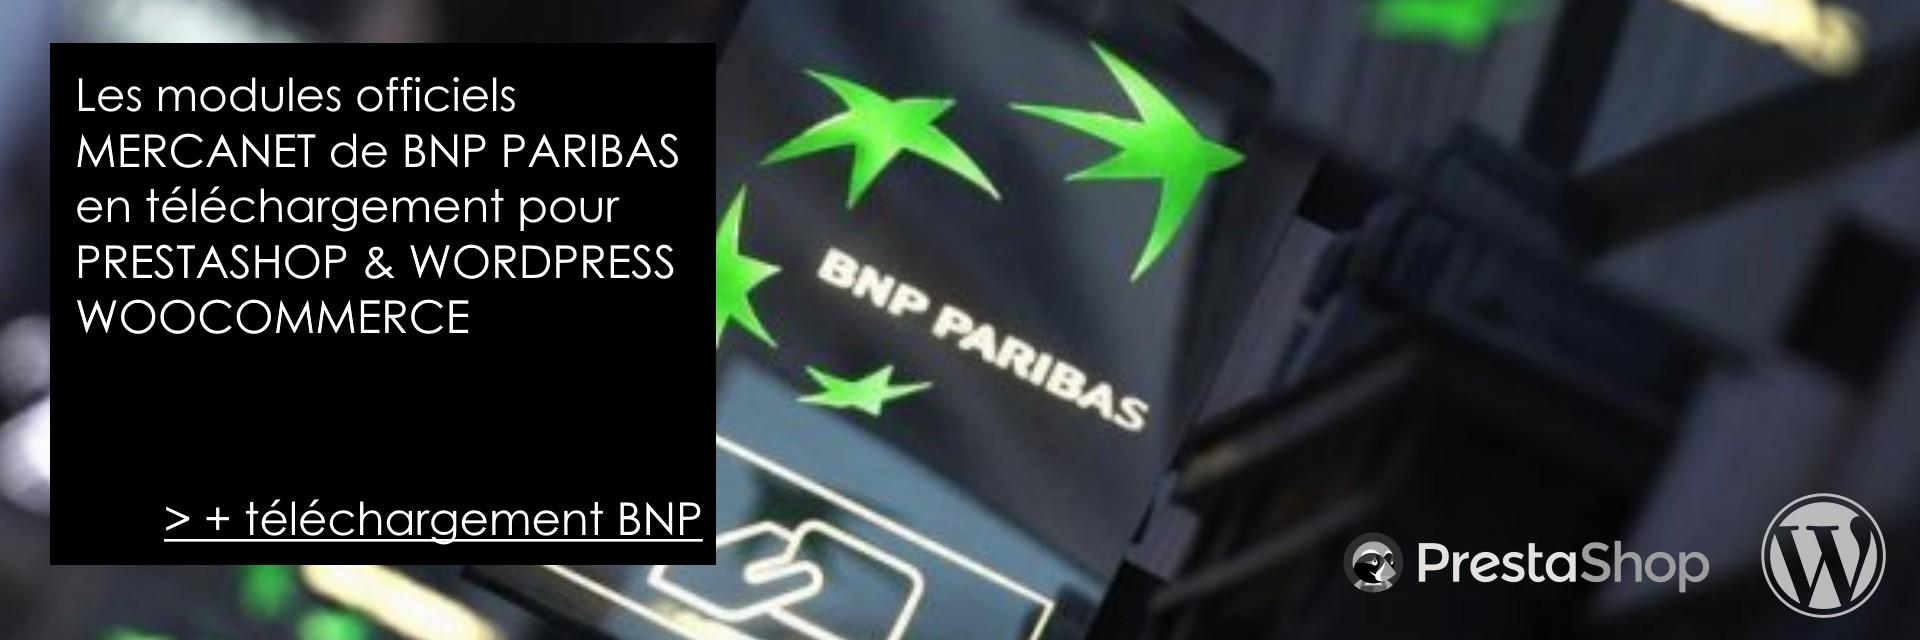 Payment Module BNP MERCANET